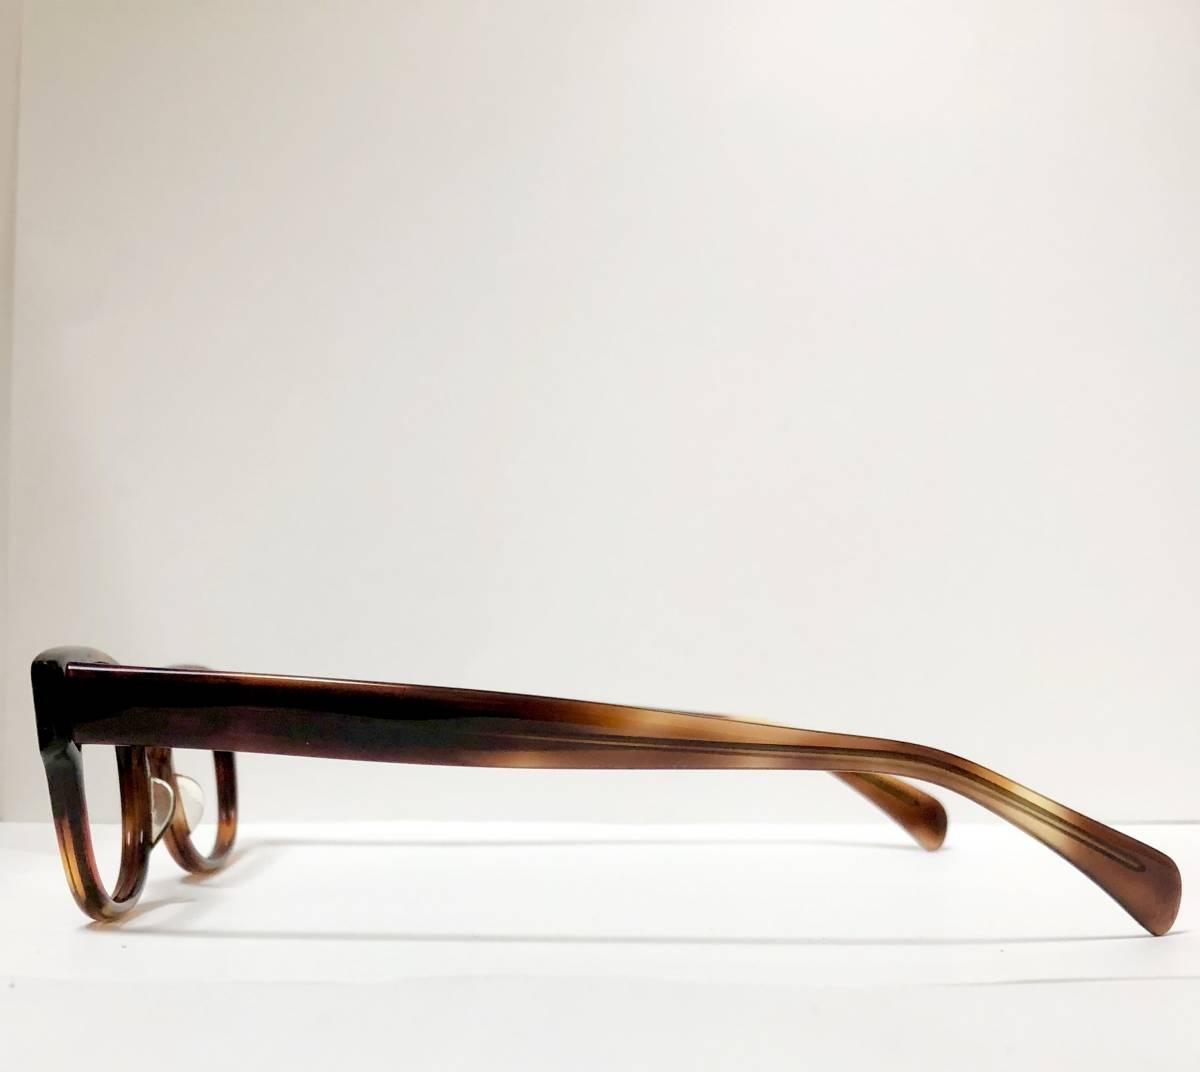 新品・1960年代頃】アメリカンオプティカル AO メガネ American Optical アンバー 米国製 ビンテージ / ヴィンテージ_画像5